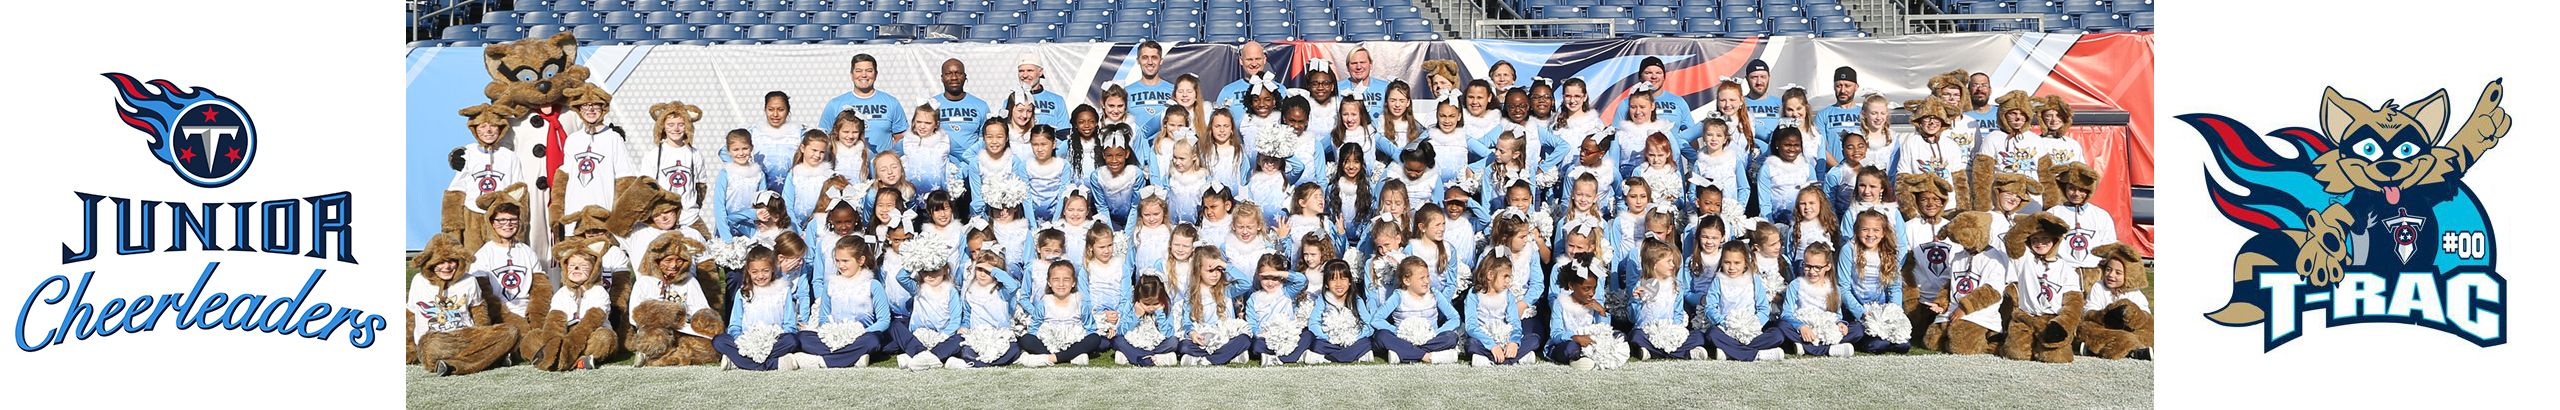 17junior-cheerleaders2560